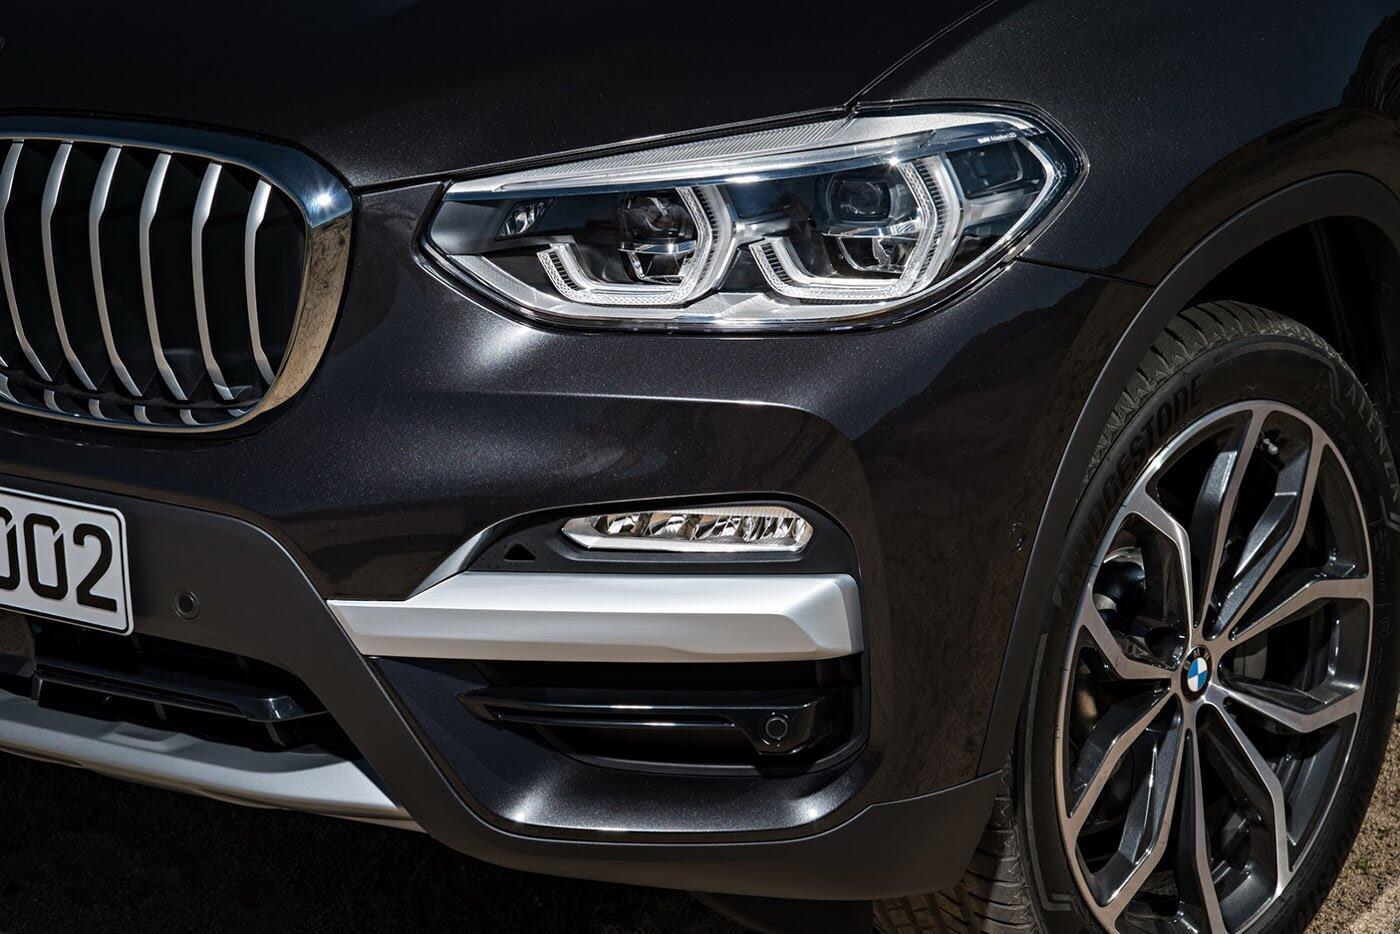 Ảnh chi tiết BMW X3 2018 hoàn toàn mới - Hình 27